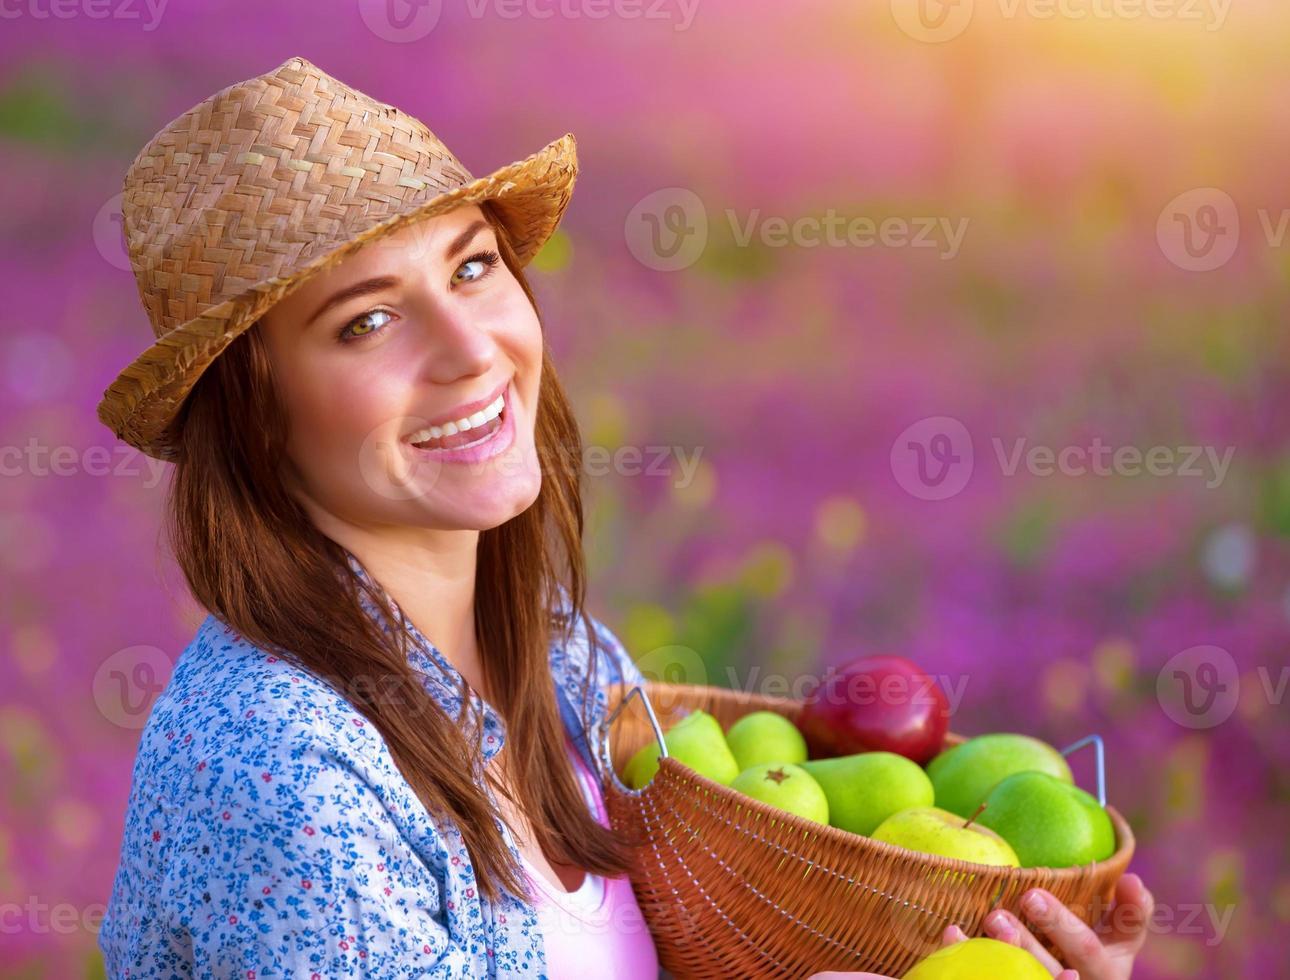 vrolijke vrouw met appel fruit foto